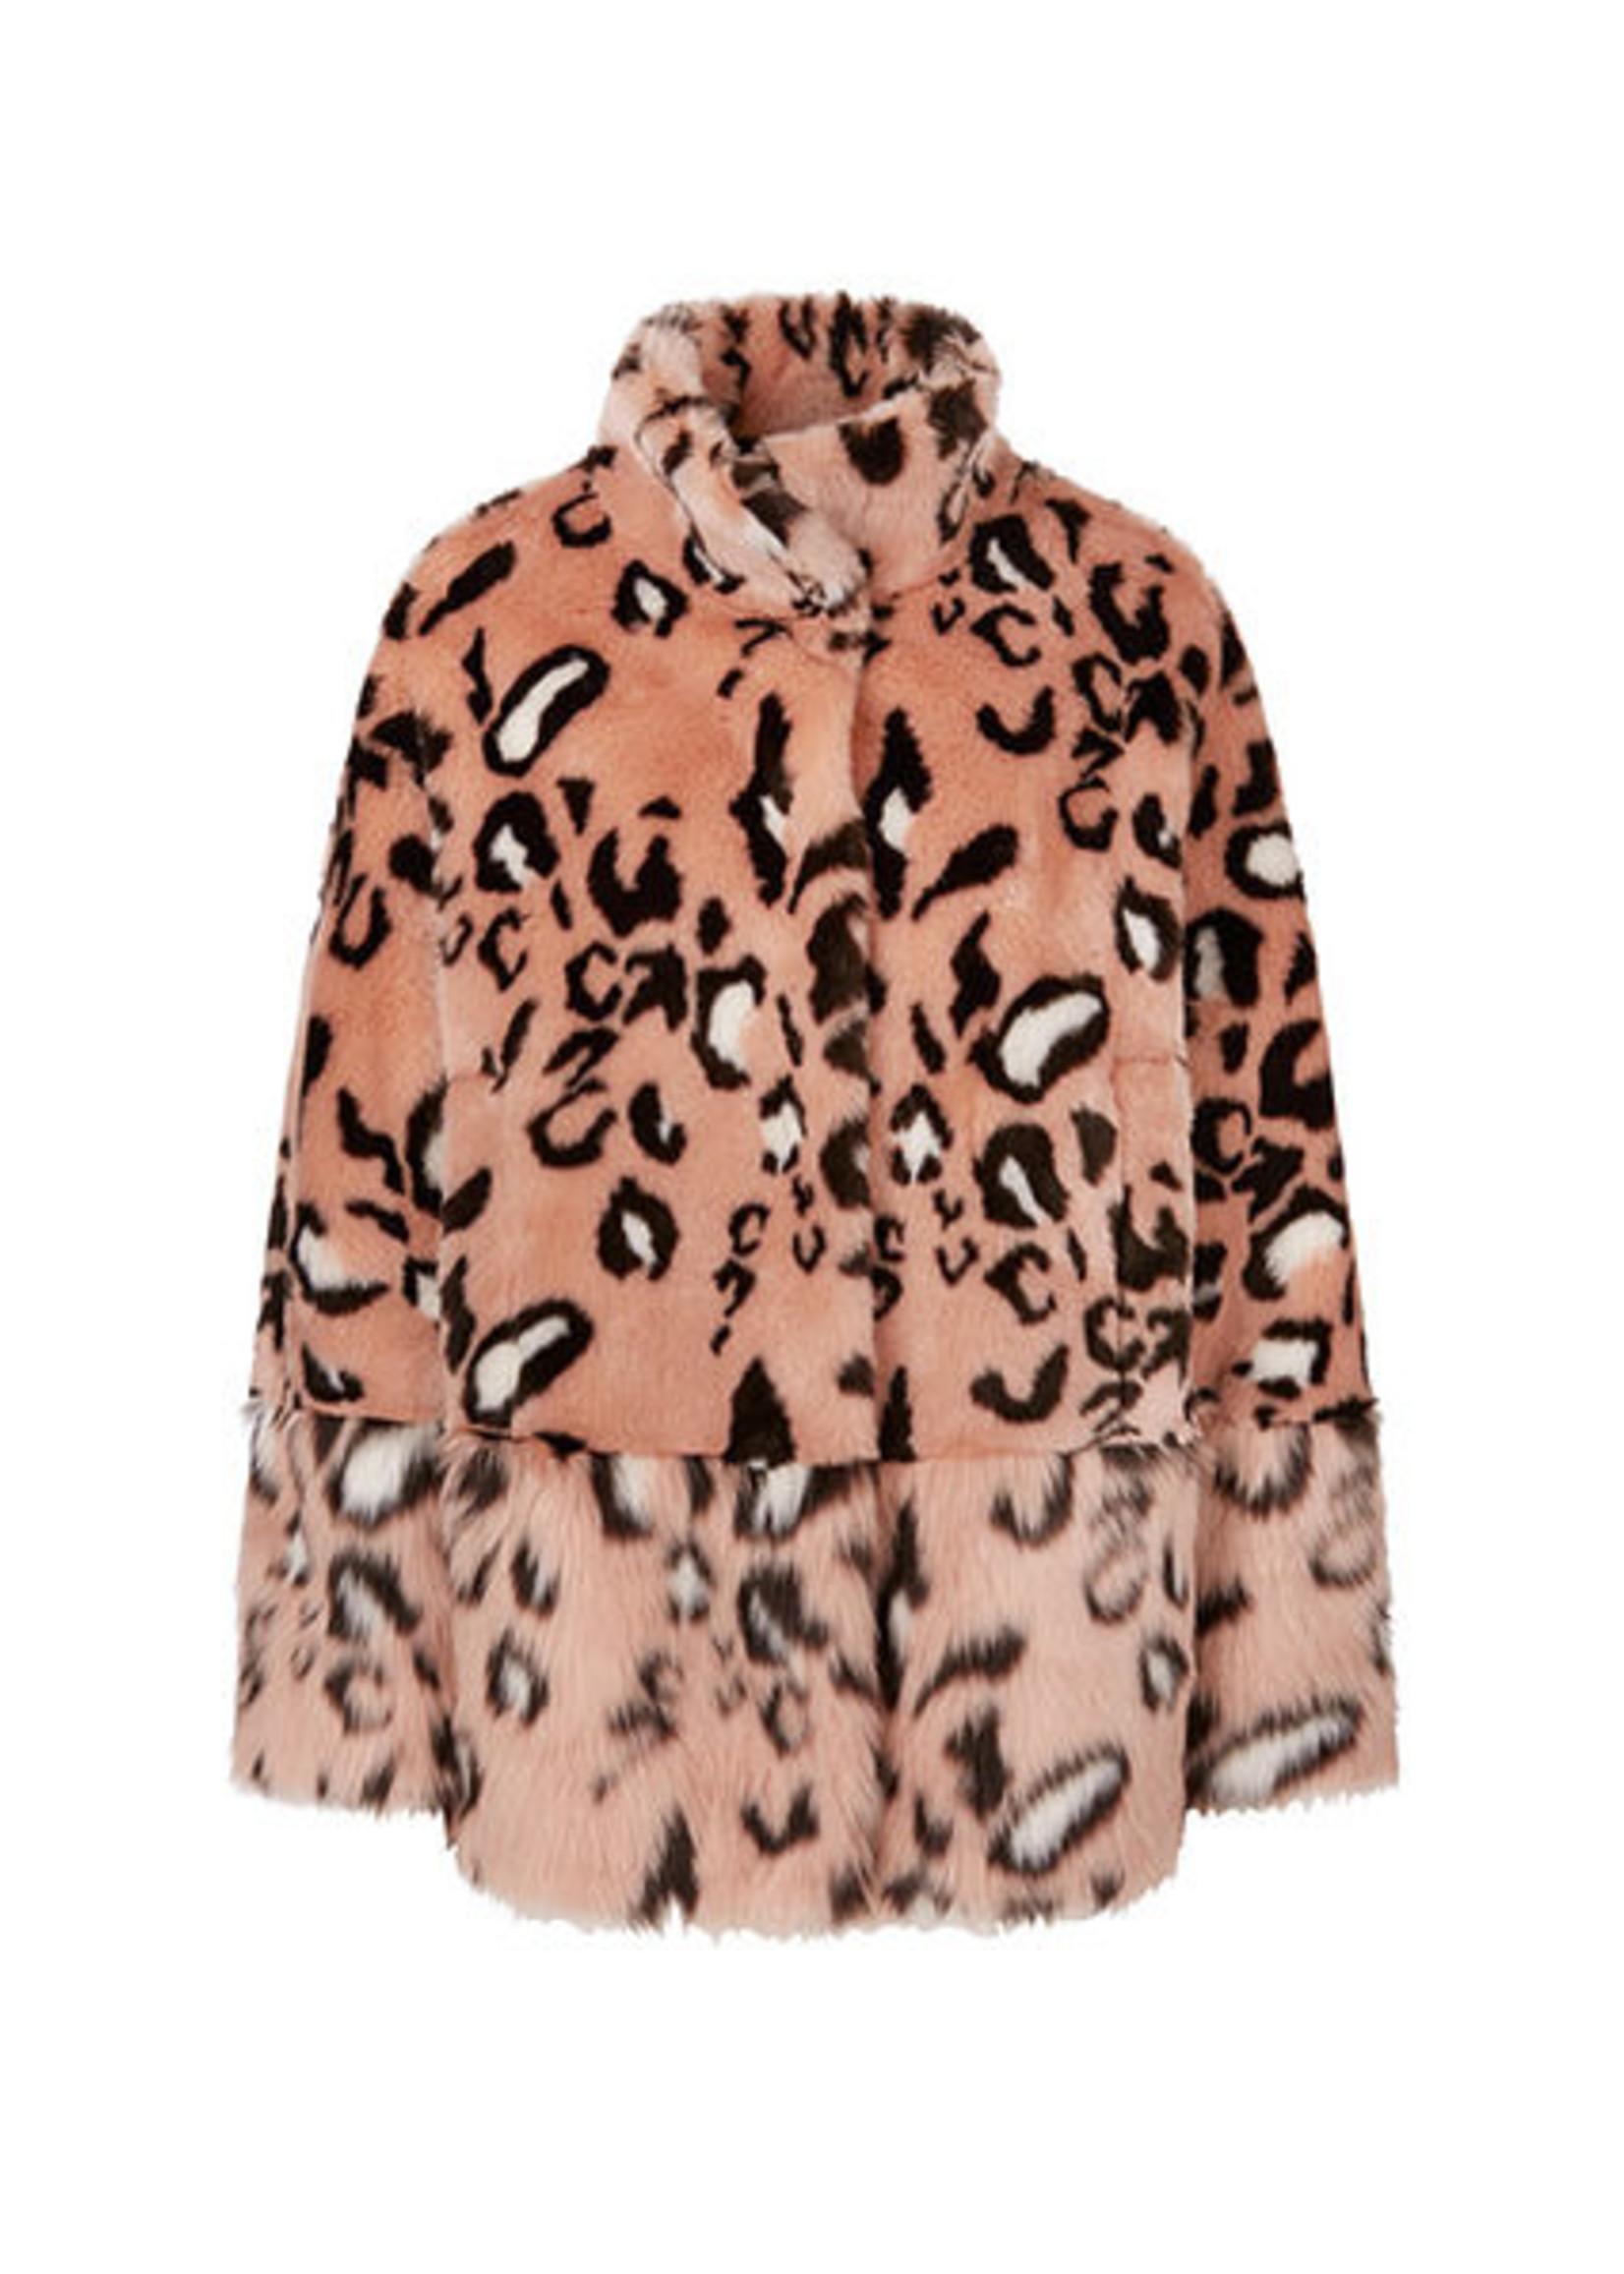 outdoor jacket RC 12.04 W83 sandy beige